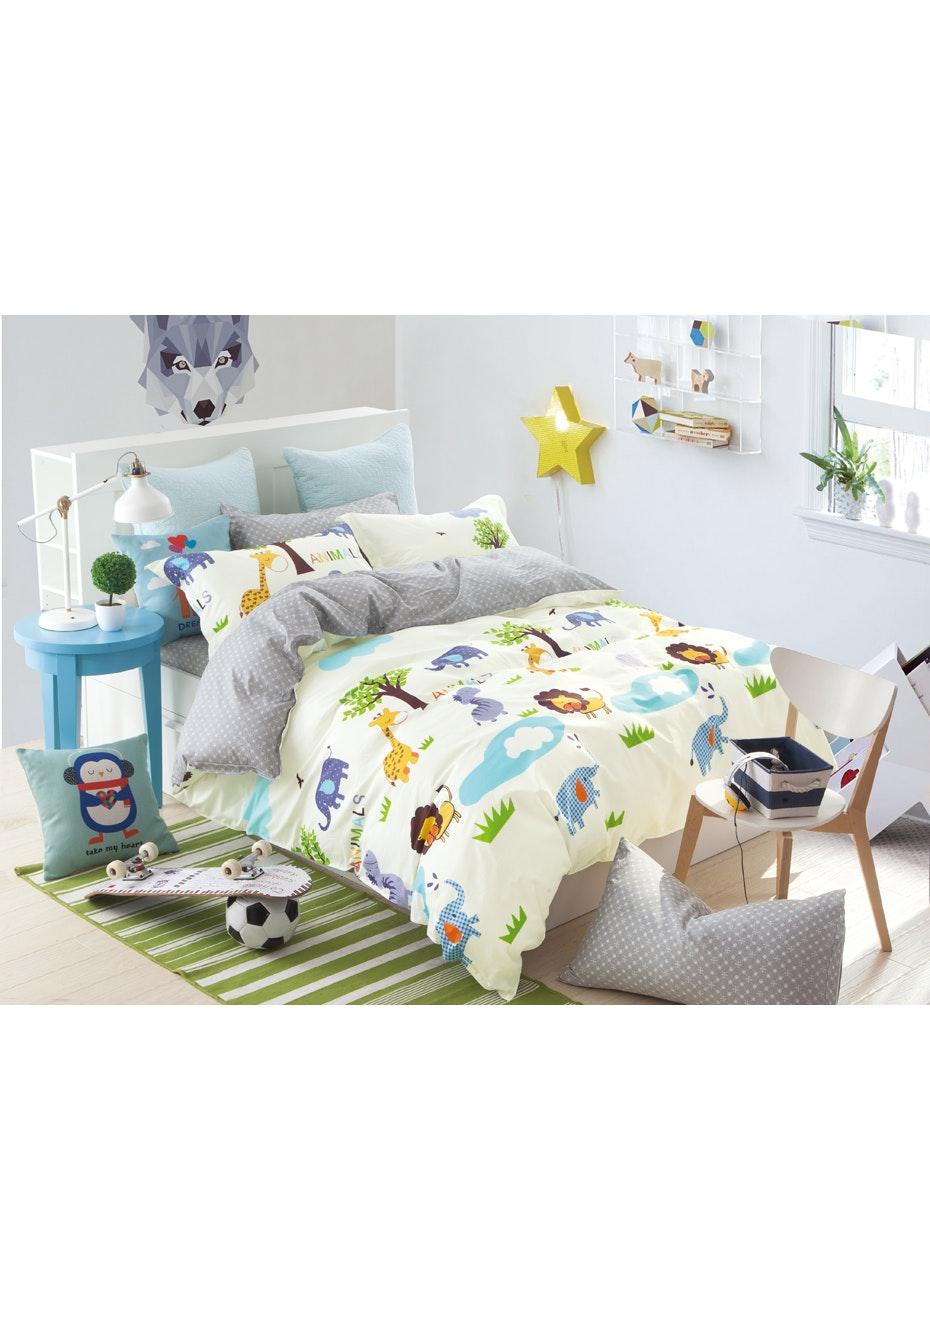 Safari Quilt Cover Set - Reversible Design - 100% Cotton - Double Bed